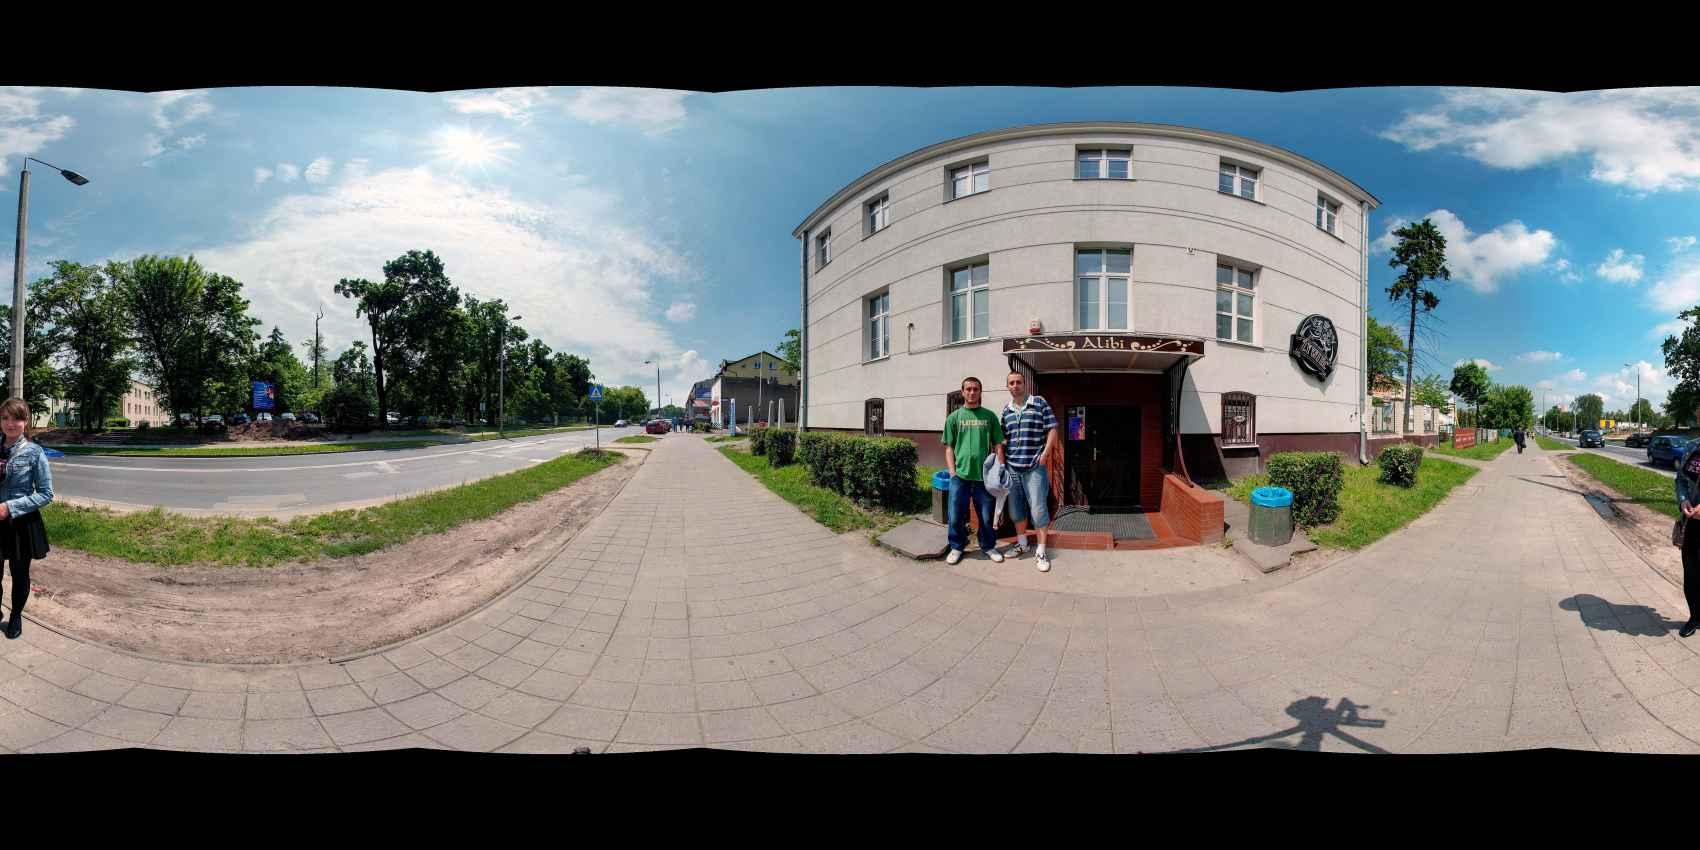 Prezentacja panoramiczna dla obiektu Uniwersytet Technologiczno-Humanistyczny im. K. Pułaskiego w Radomiu